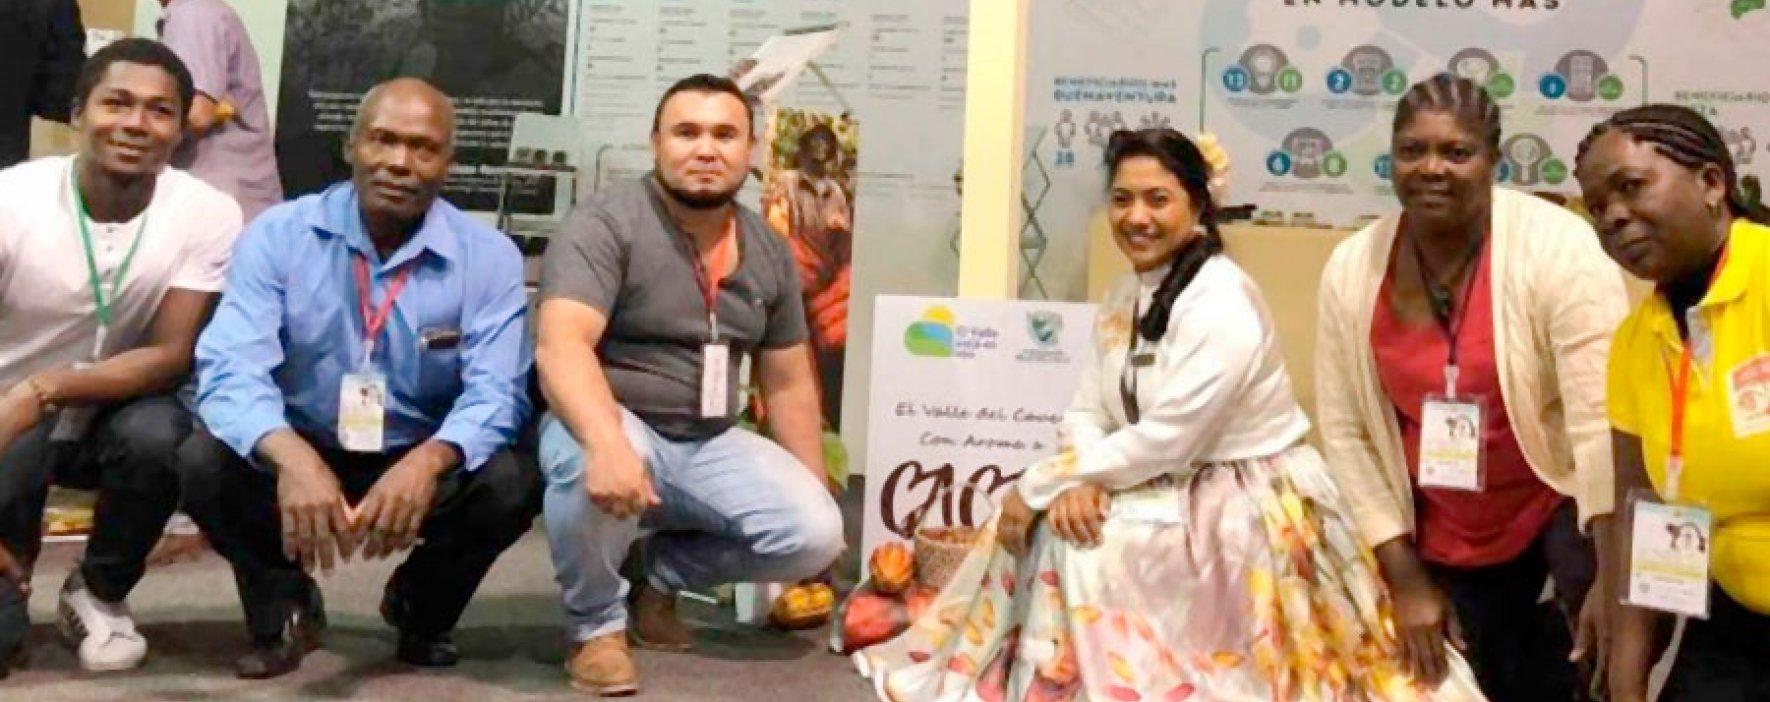 Chocoshow, la feria que reunió agronegocios apoyados por los Andes